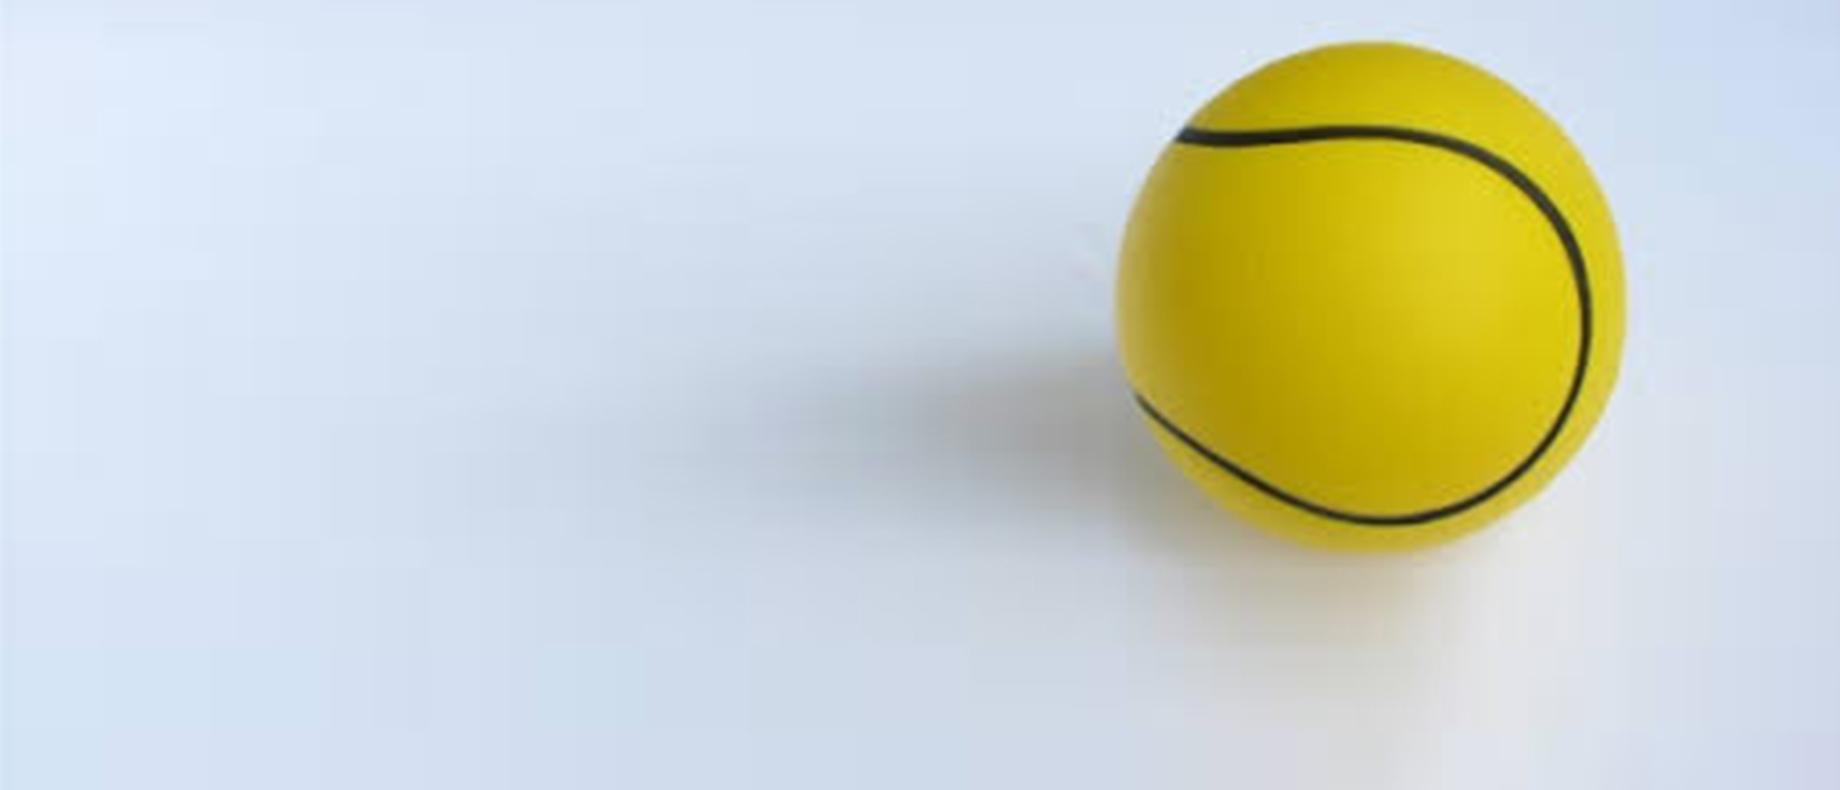 Foto de uma bola de tênis em fundo branco